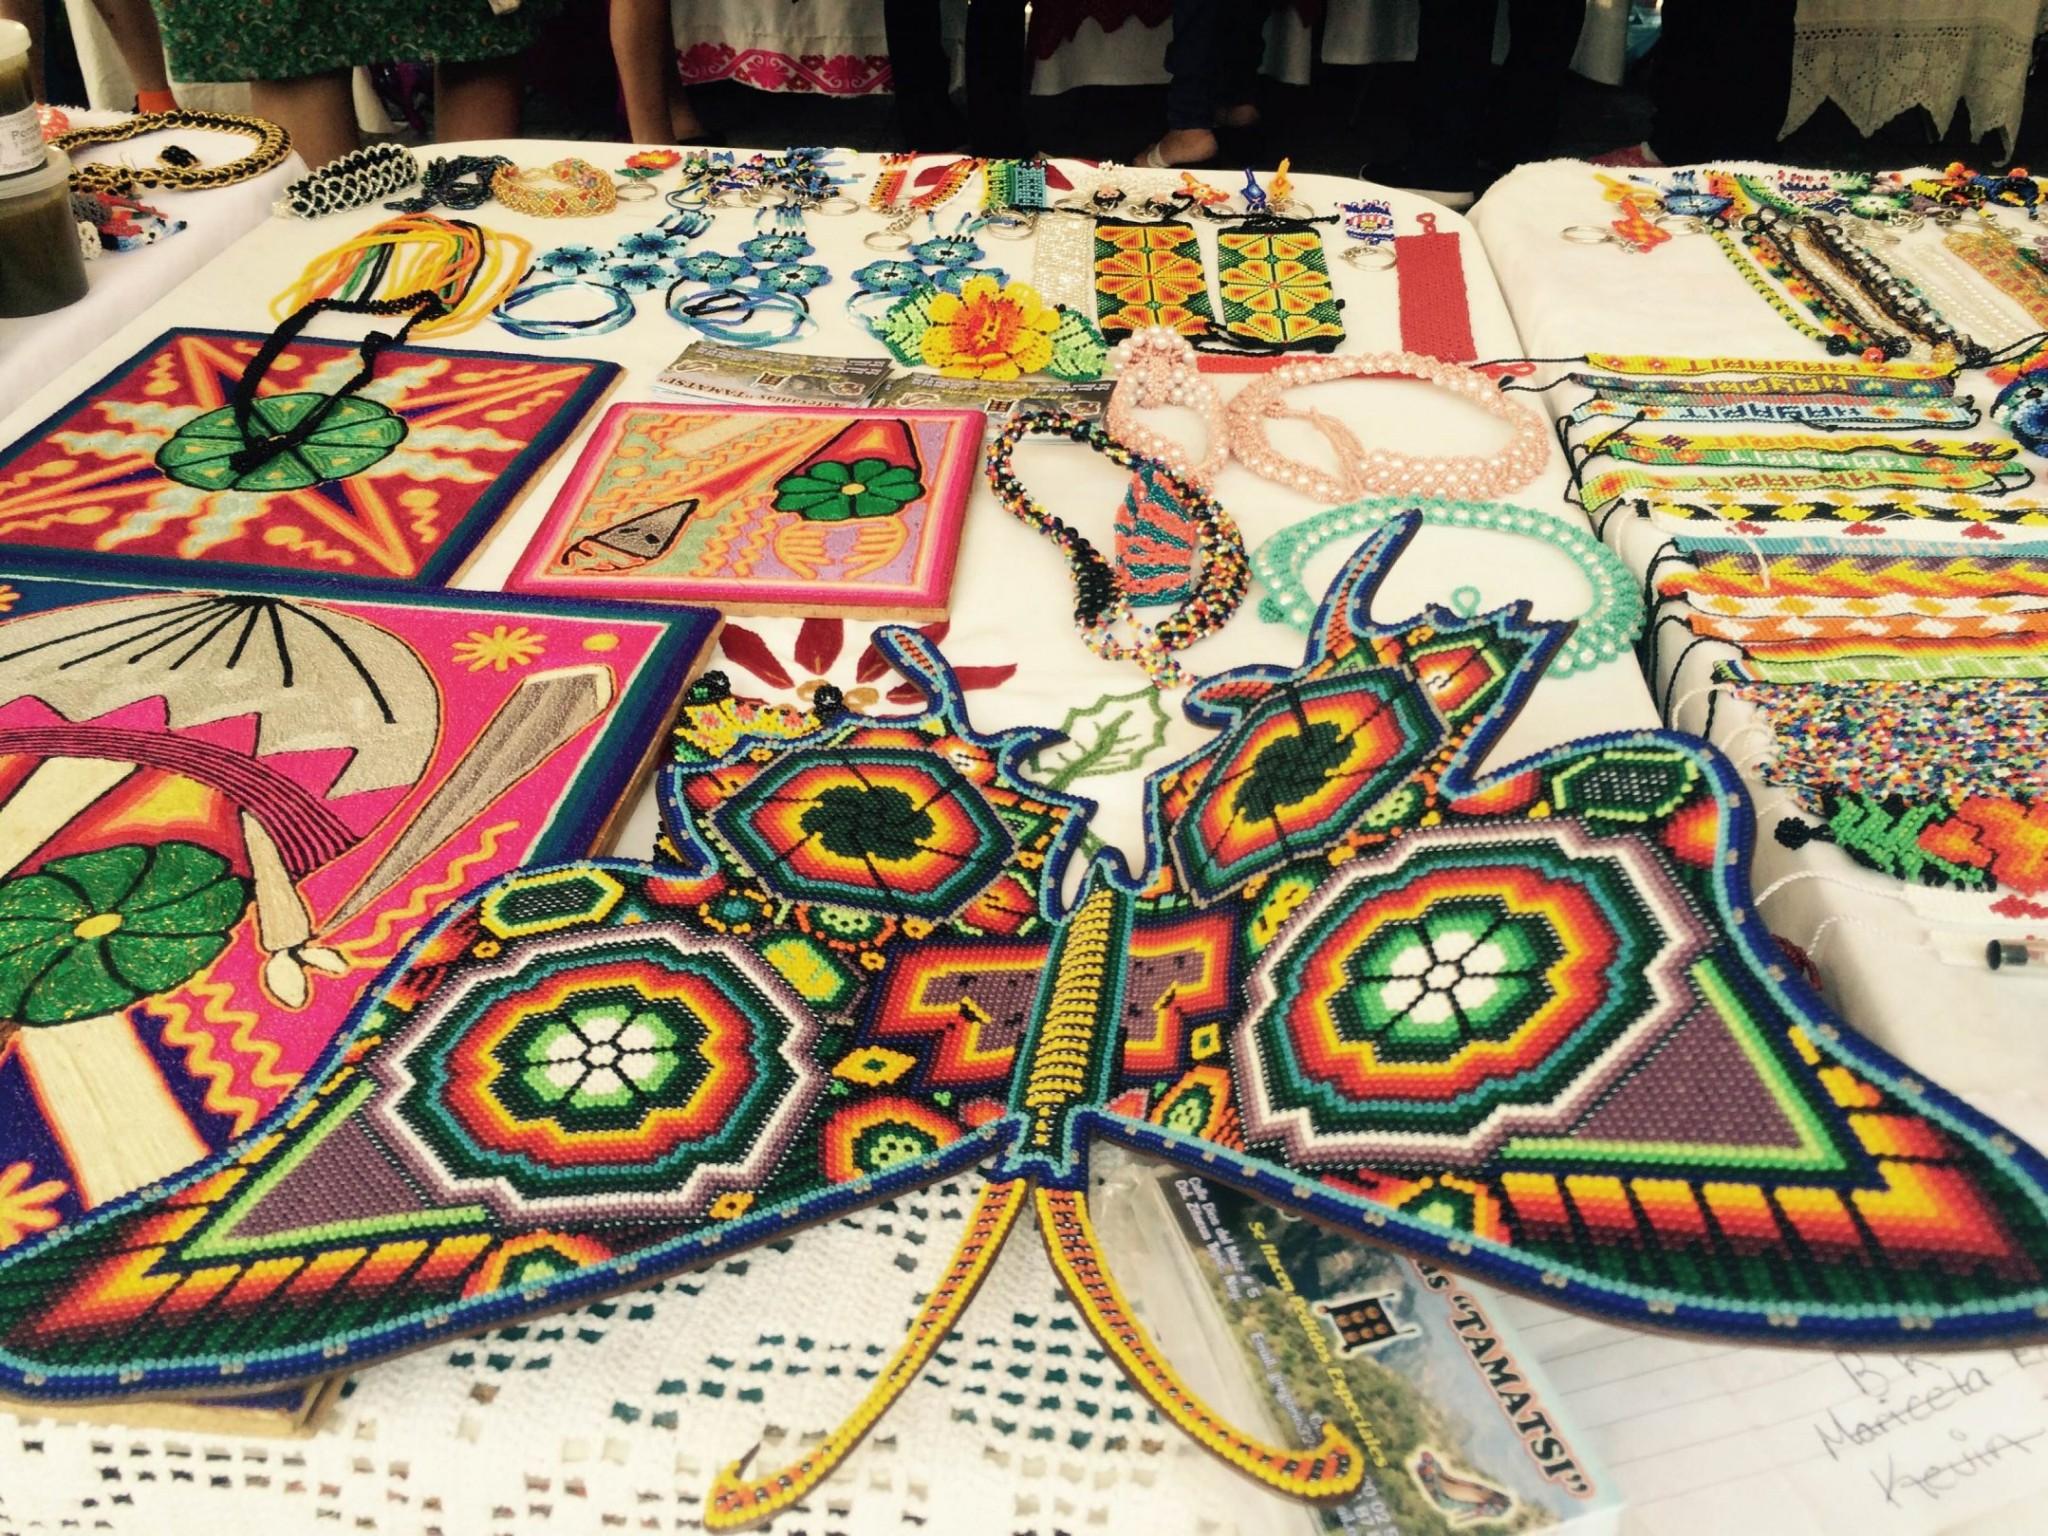 Artesanías Huicholes Atractivo Para Visitantes De Nayarit Mixed Voces